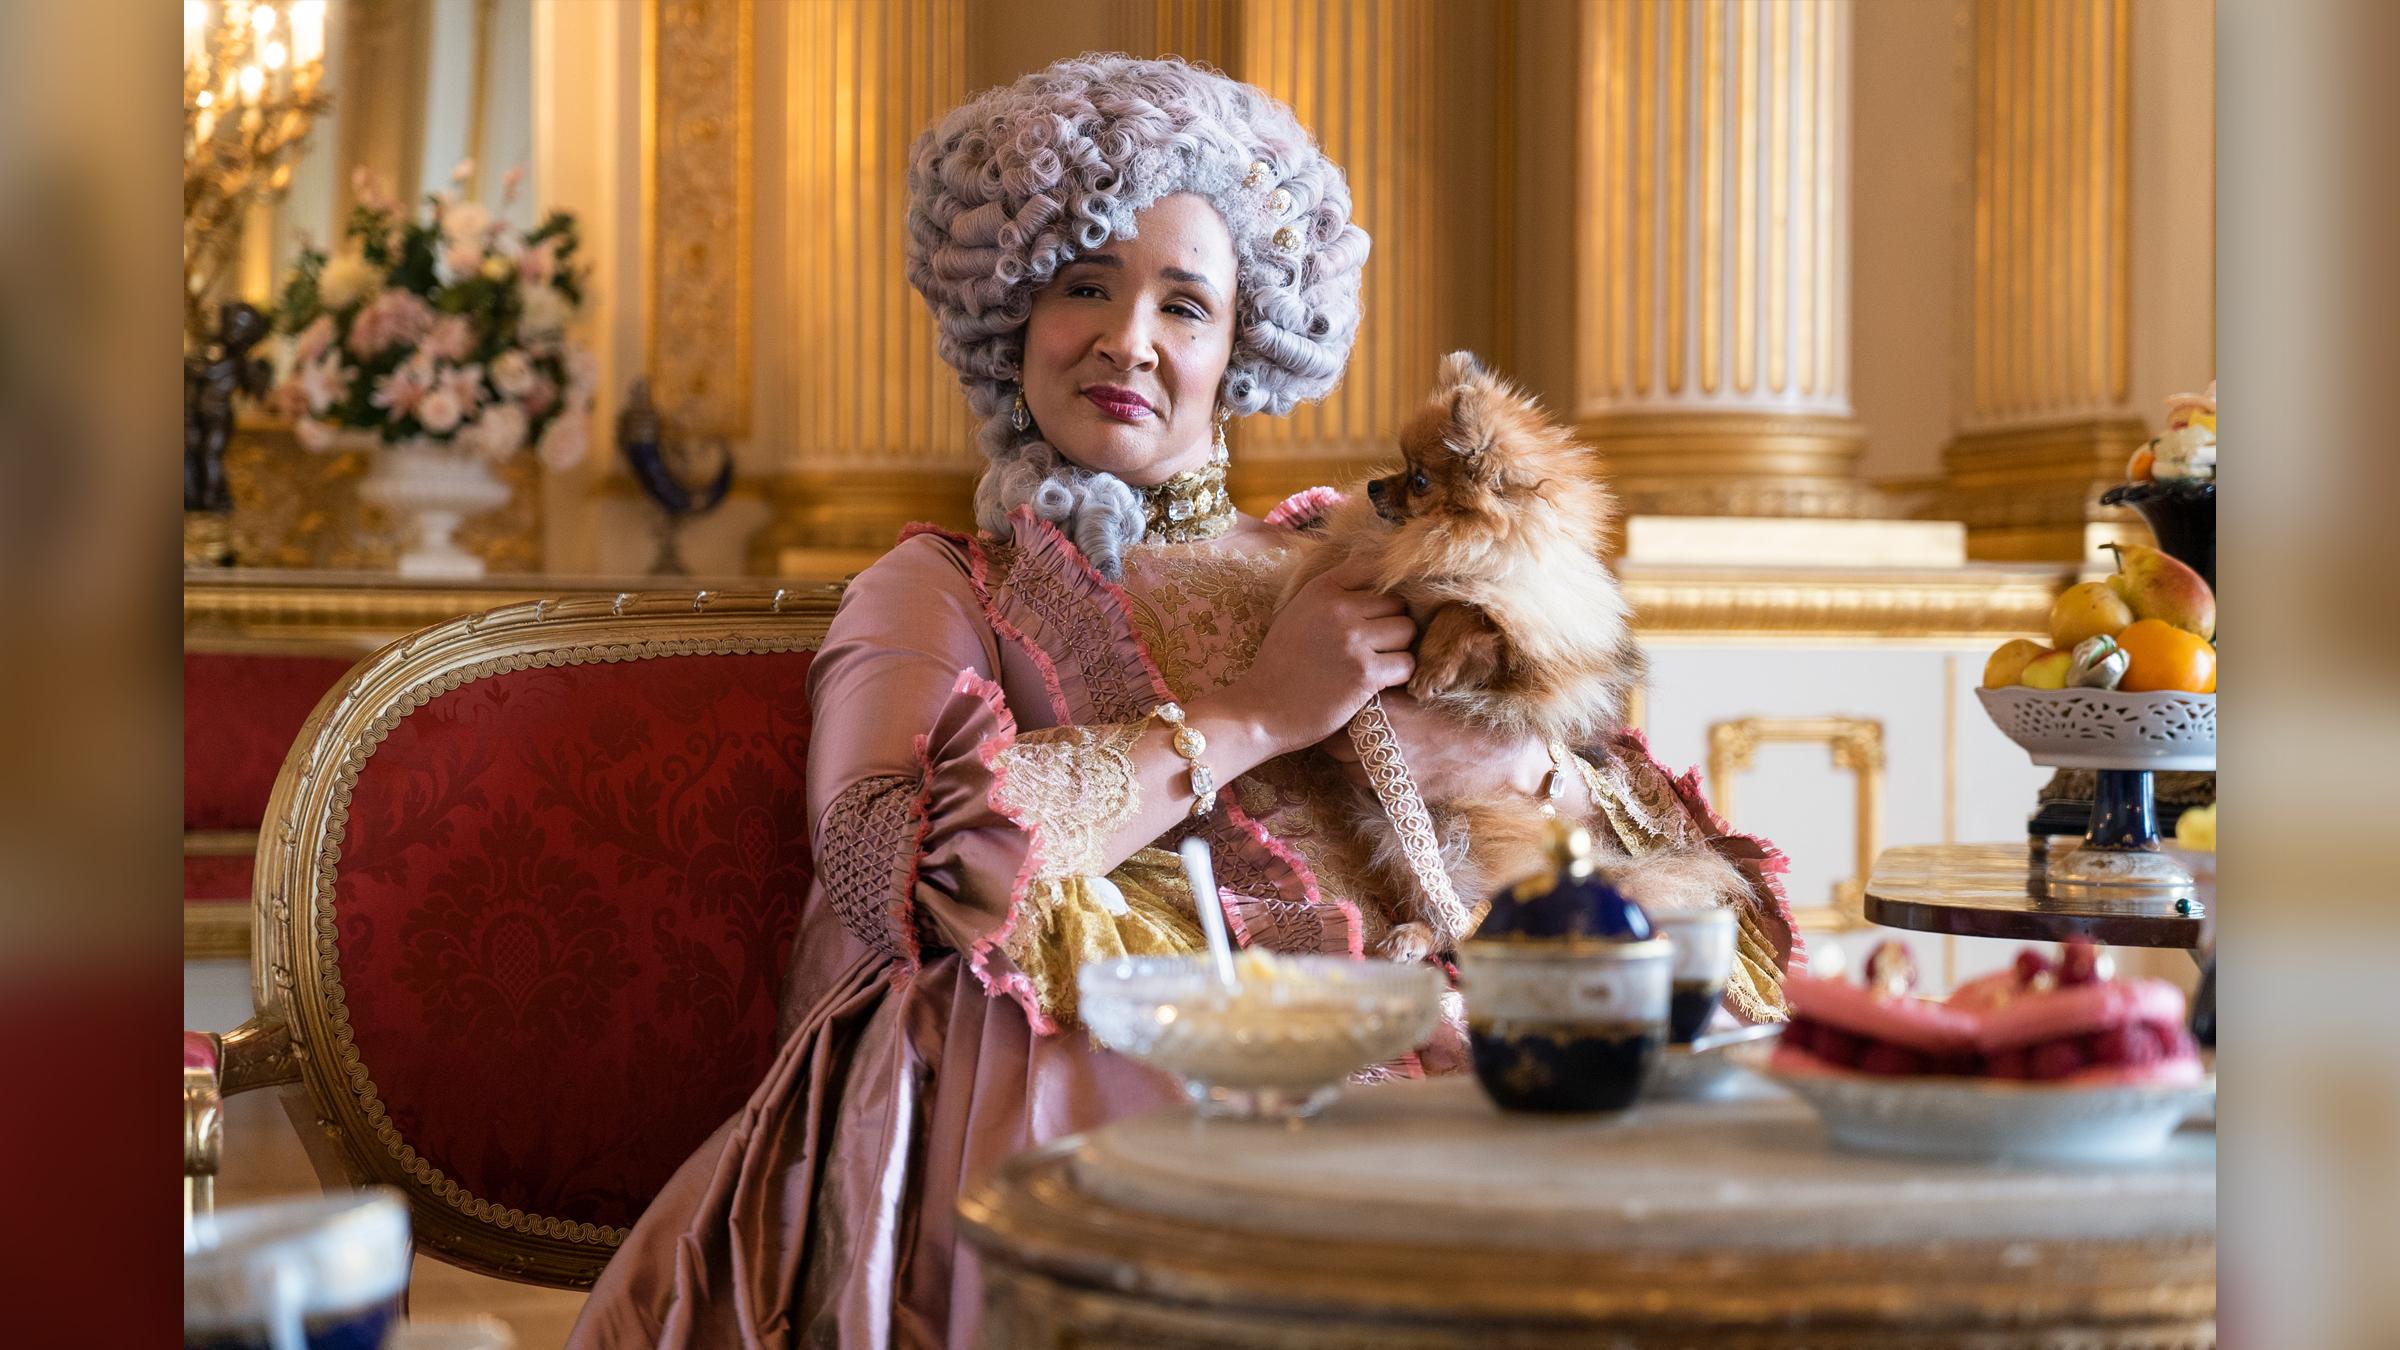 La reine Charlotte avait un penchant pour les chiots de Poméranie.